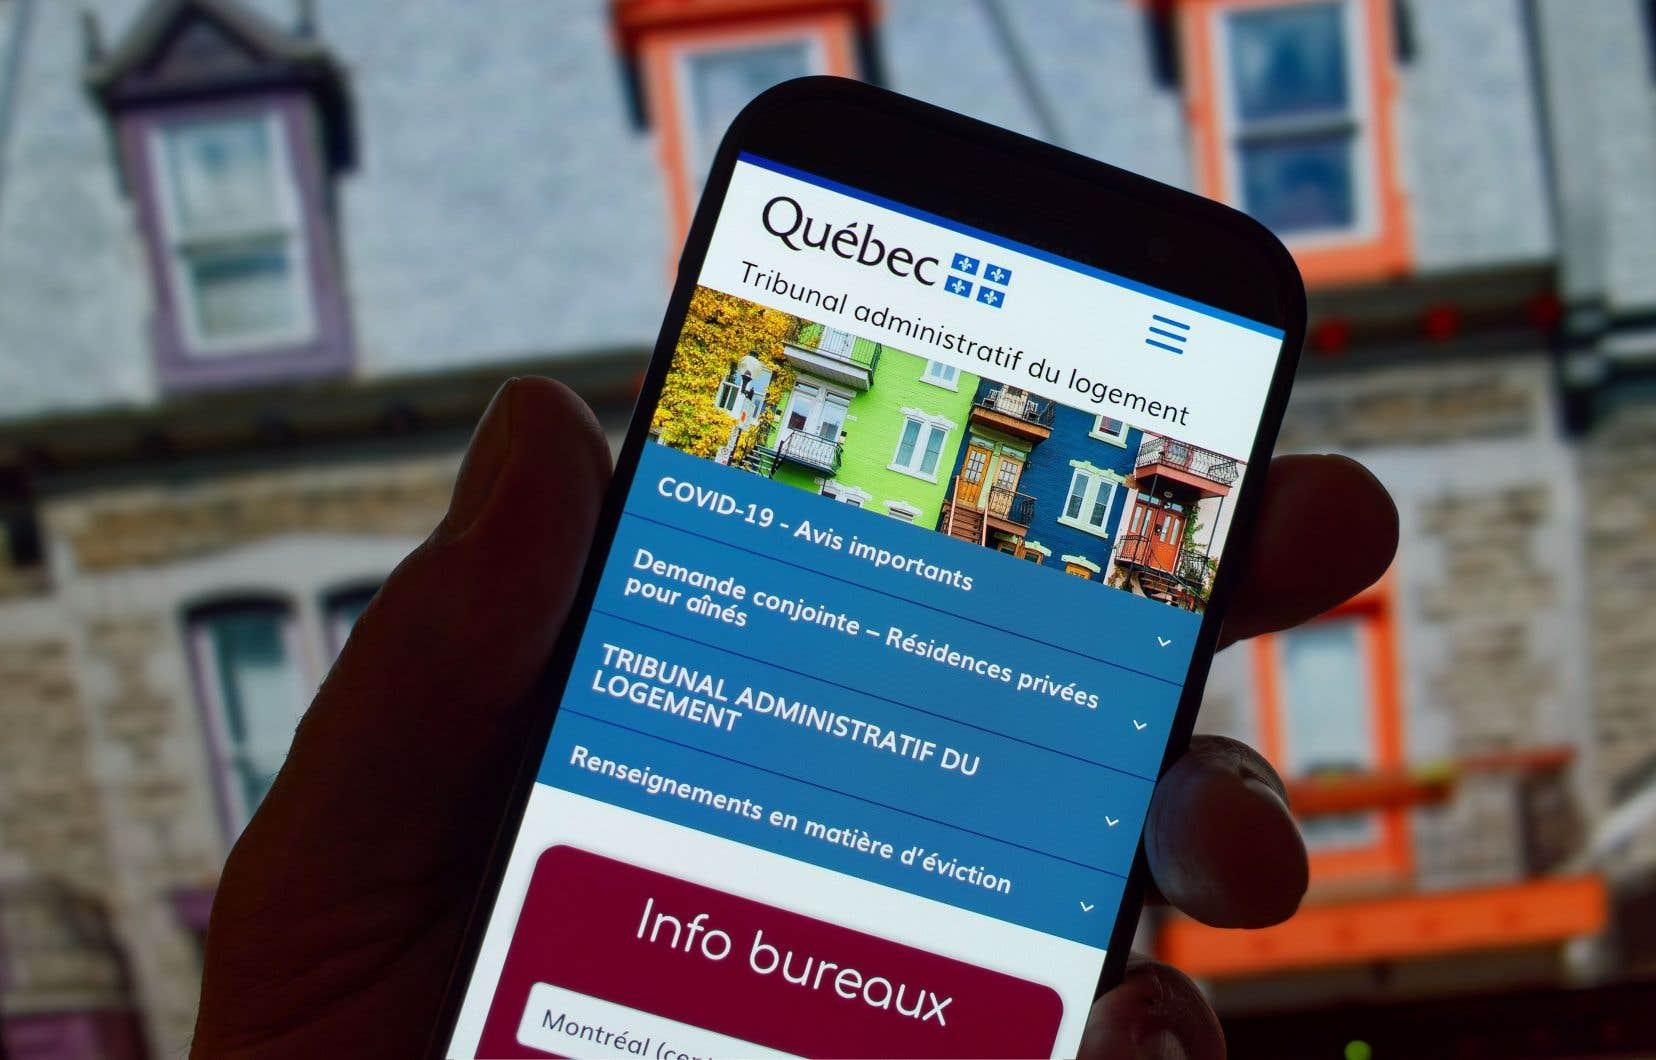 Joint par «Le Devoir», le Tribunal administratif du logement dit avoir pris la mesure de cette situation et s'engage à apporter des améliorations à son site Web afin d'empêcher un usage abusif.